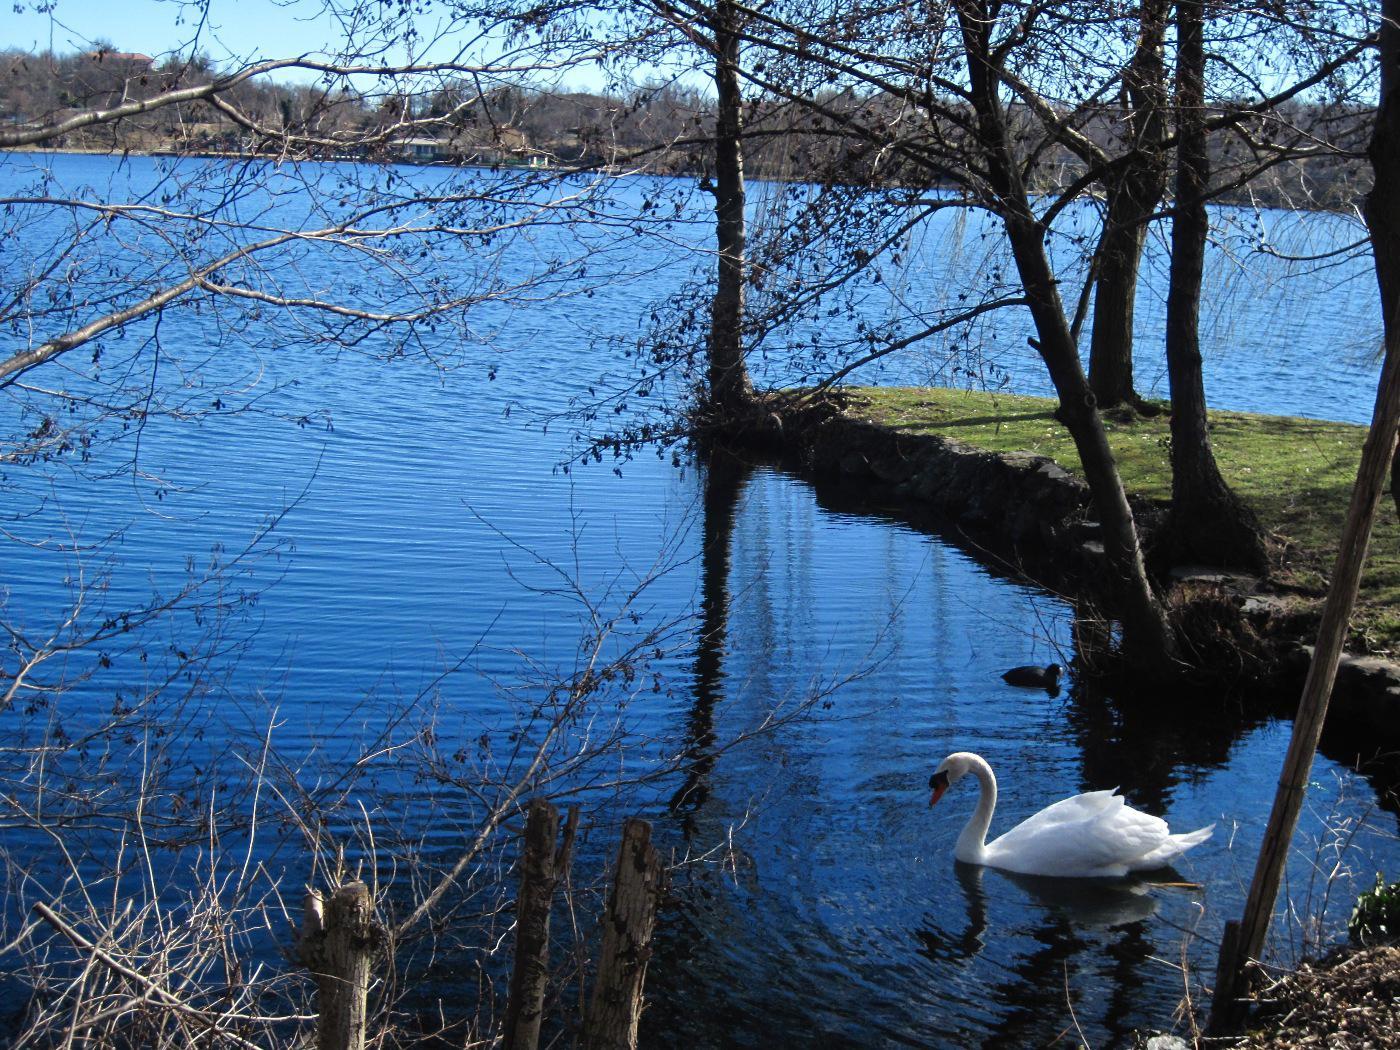 Cigno al lago Sirio